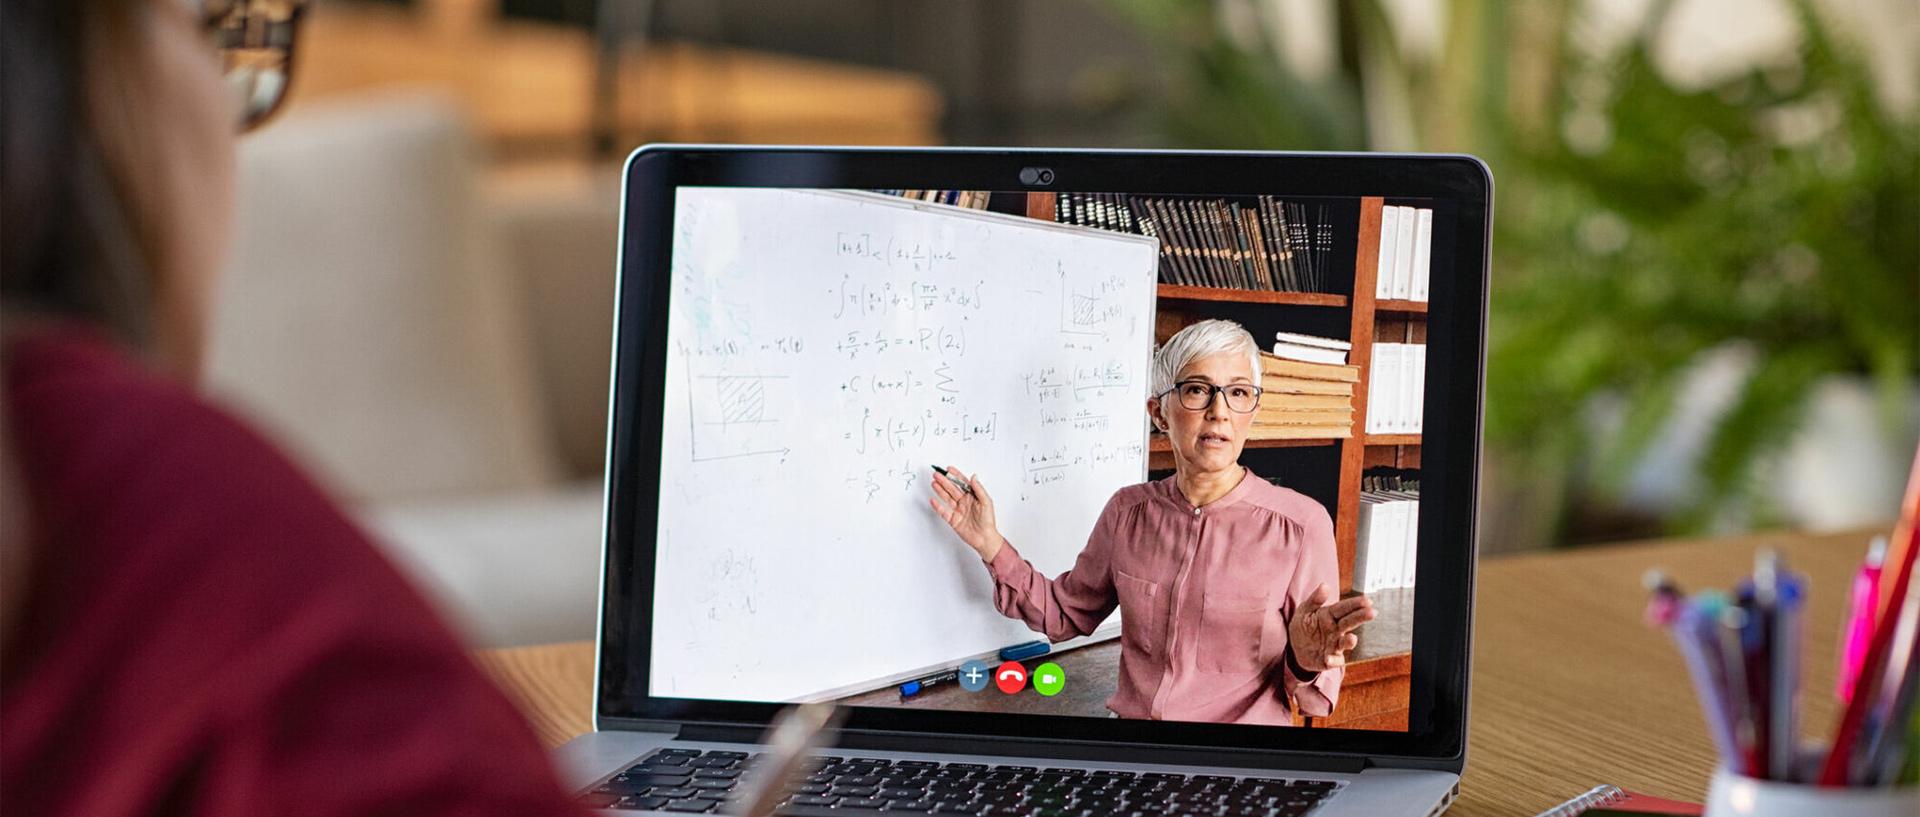 attending online lesson on Apple MakBook Pro